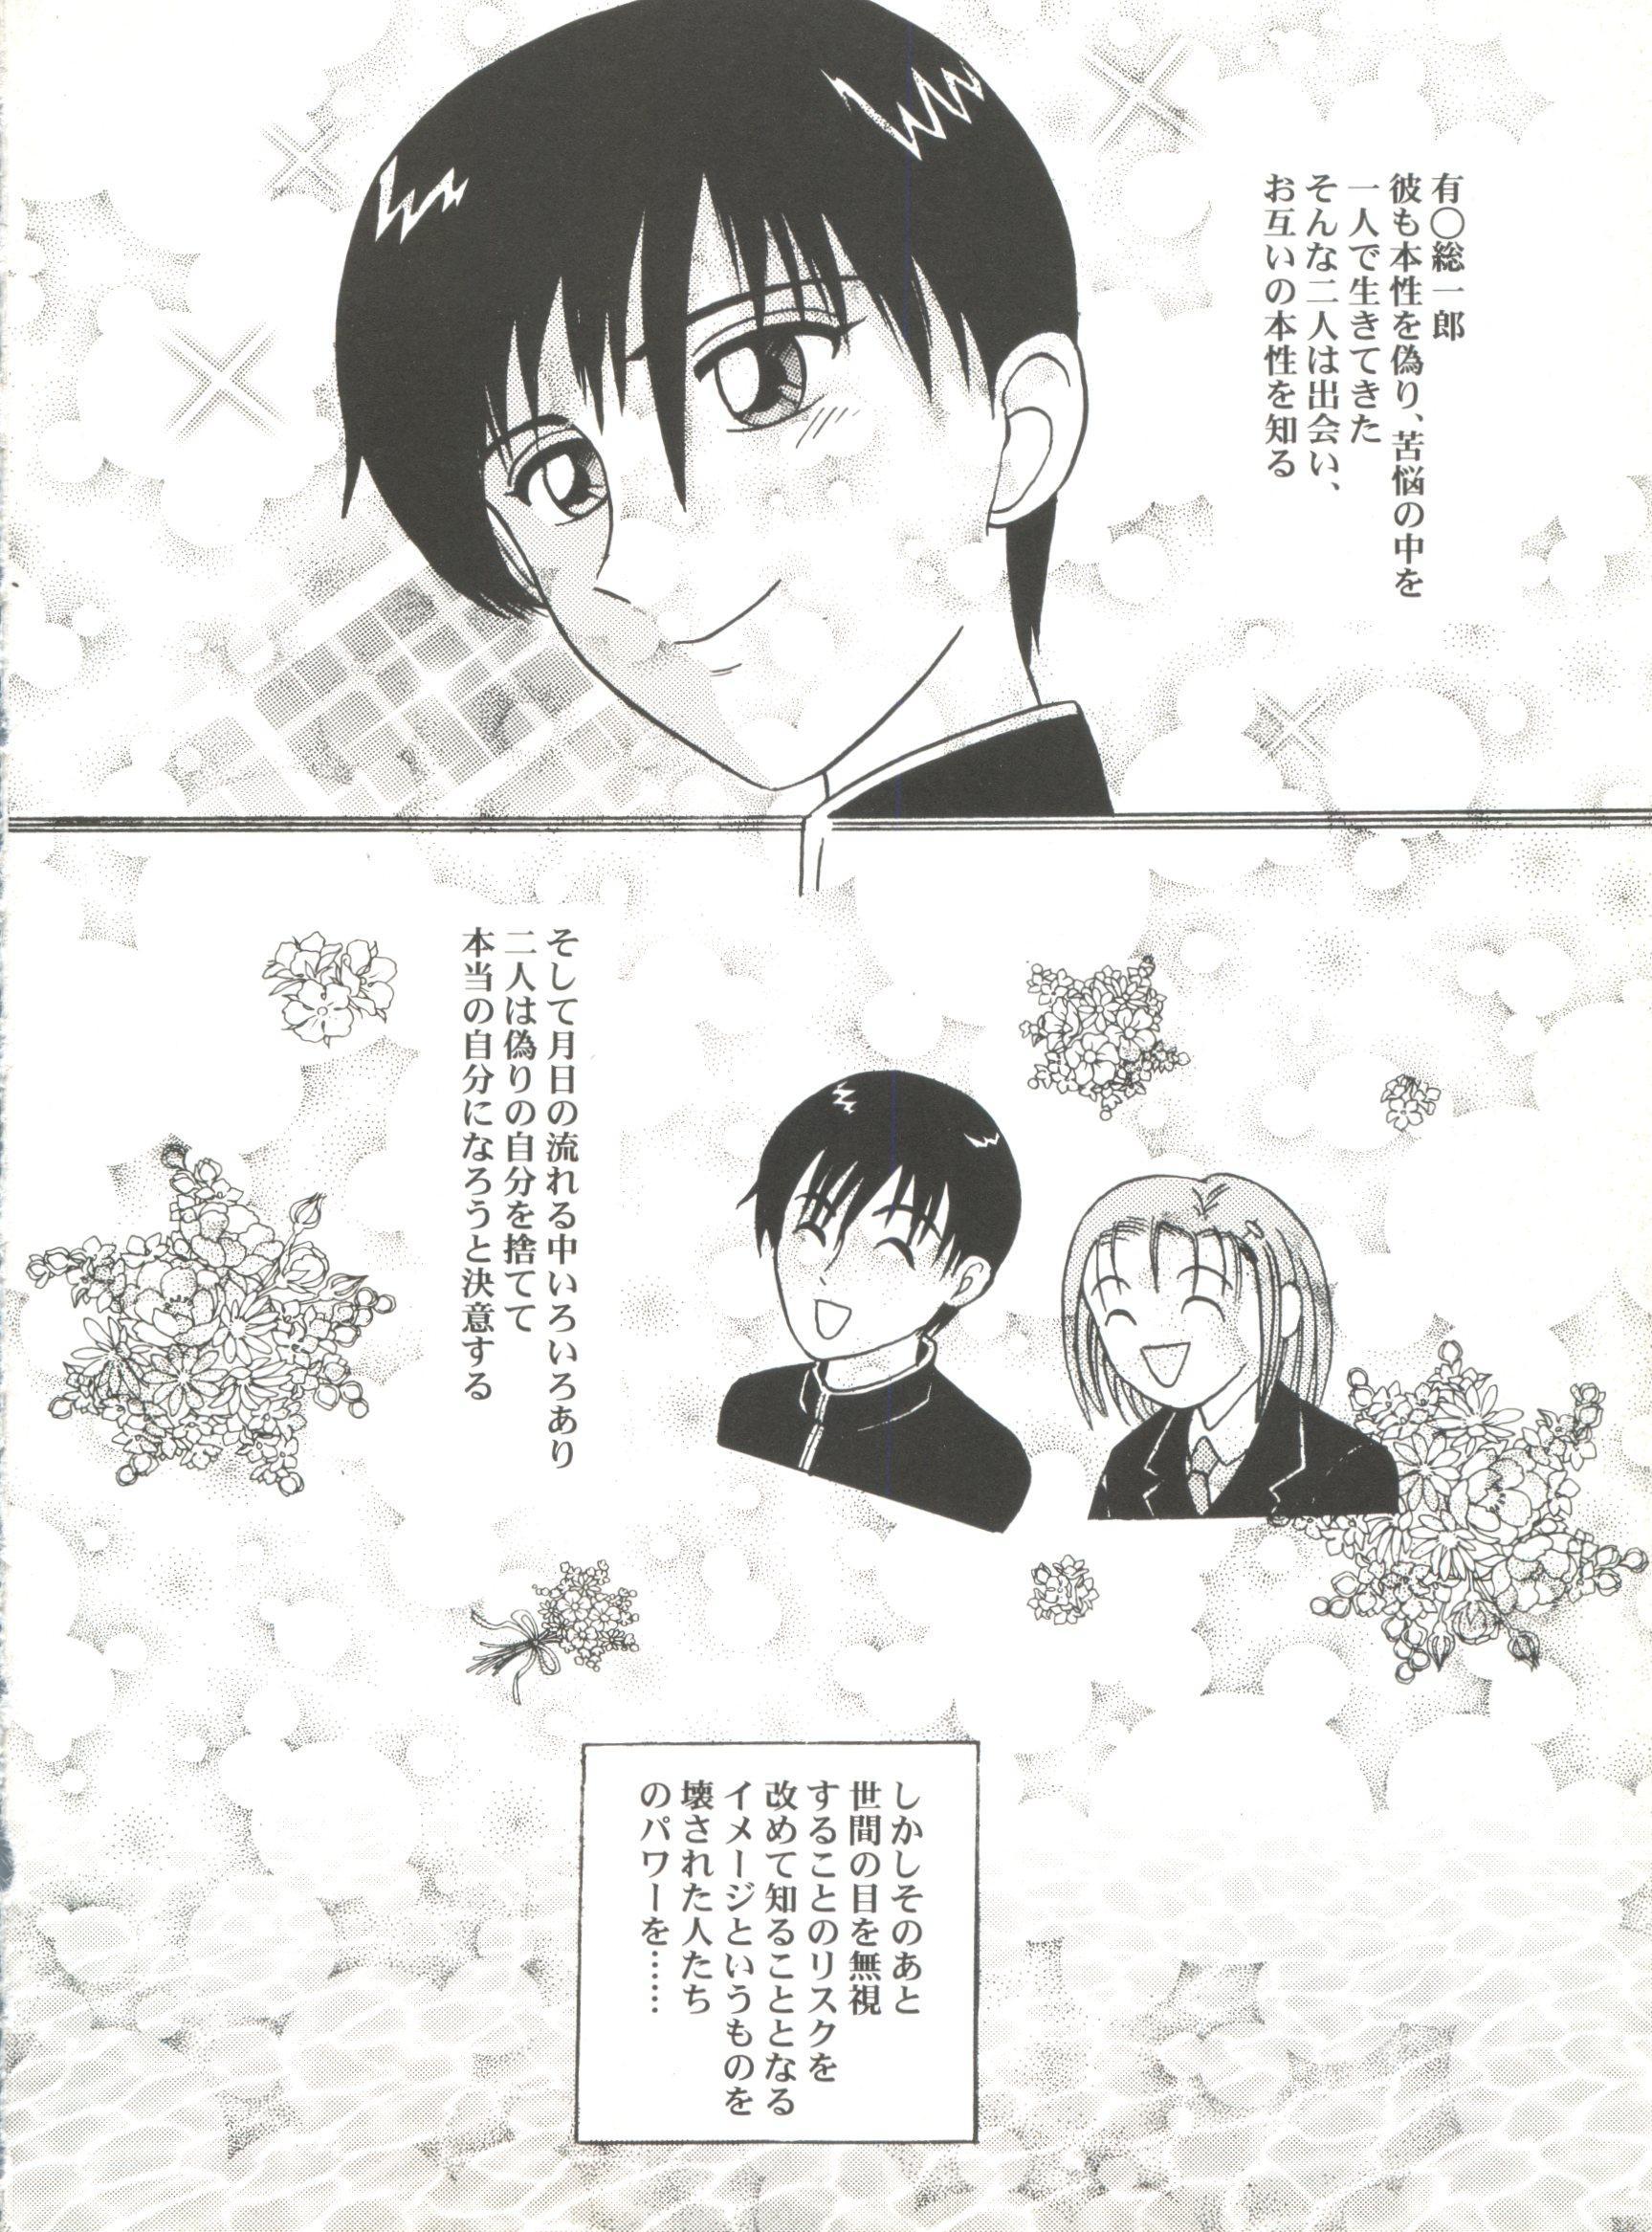 Bishoujo Doujinshi Anthology Cute 4 51